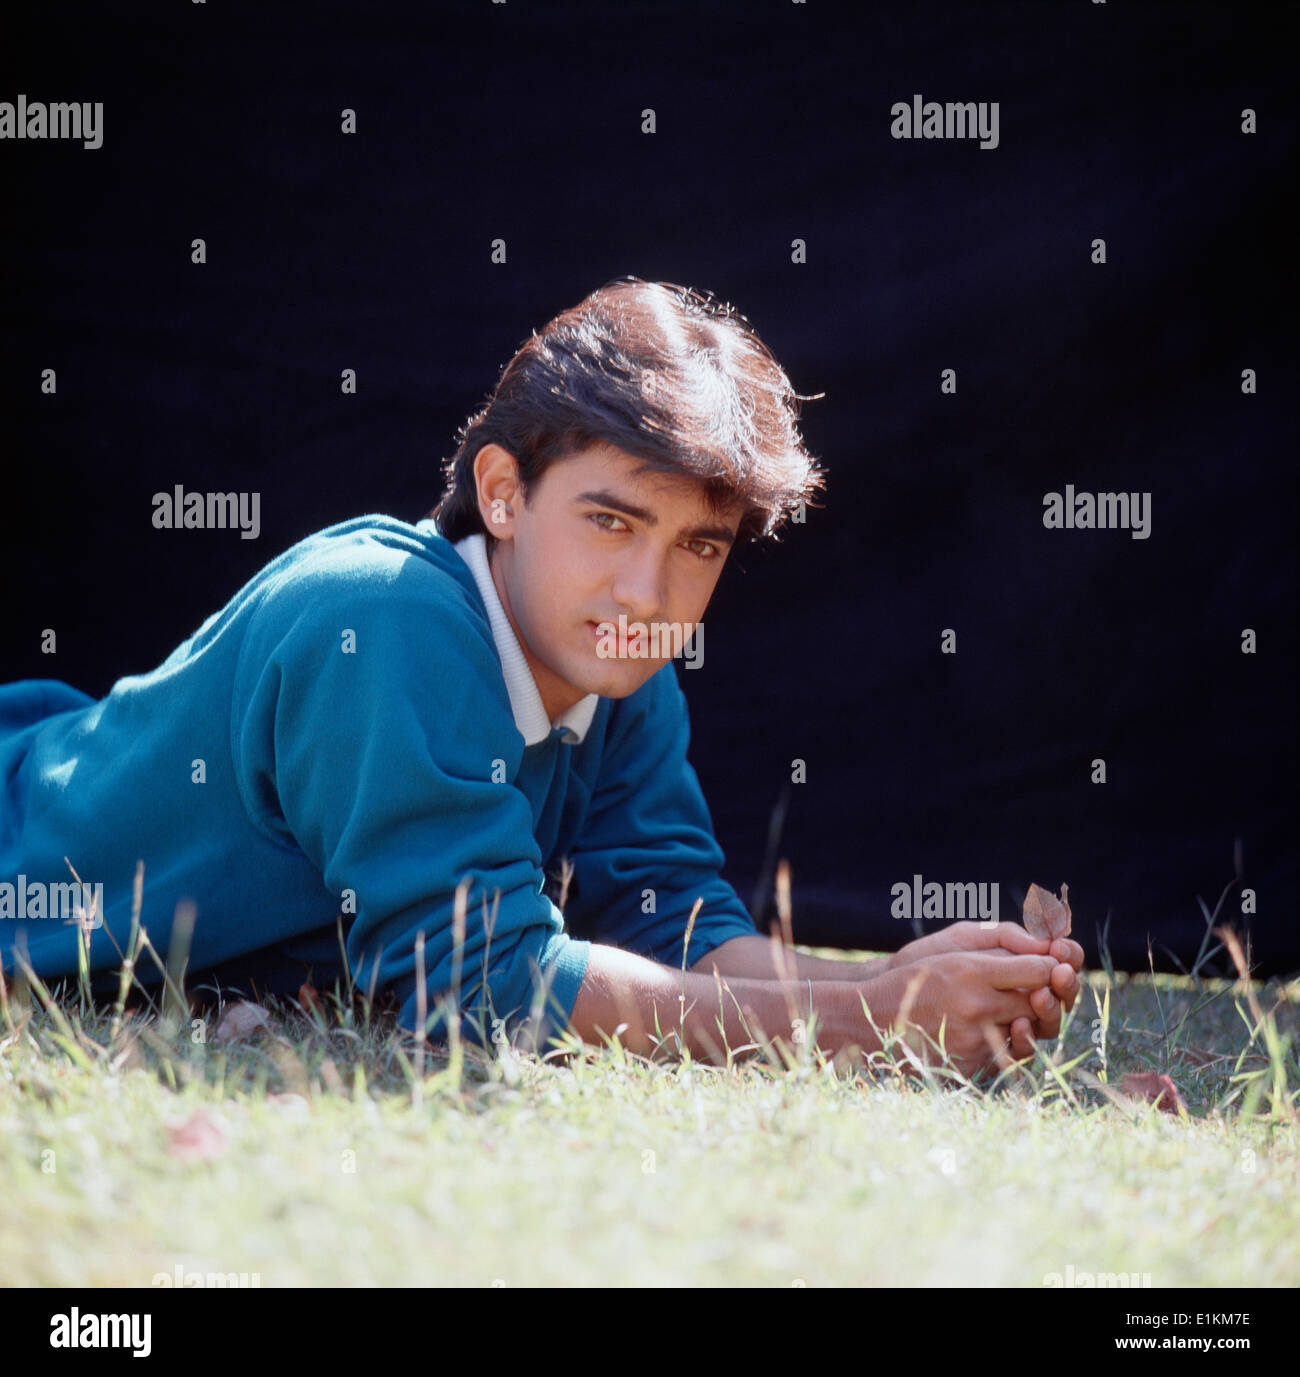 Image result for aamir khan grass